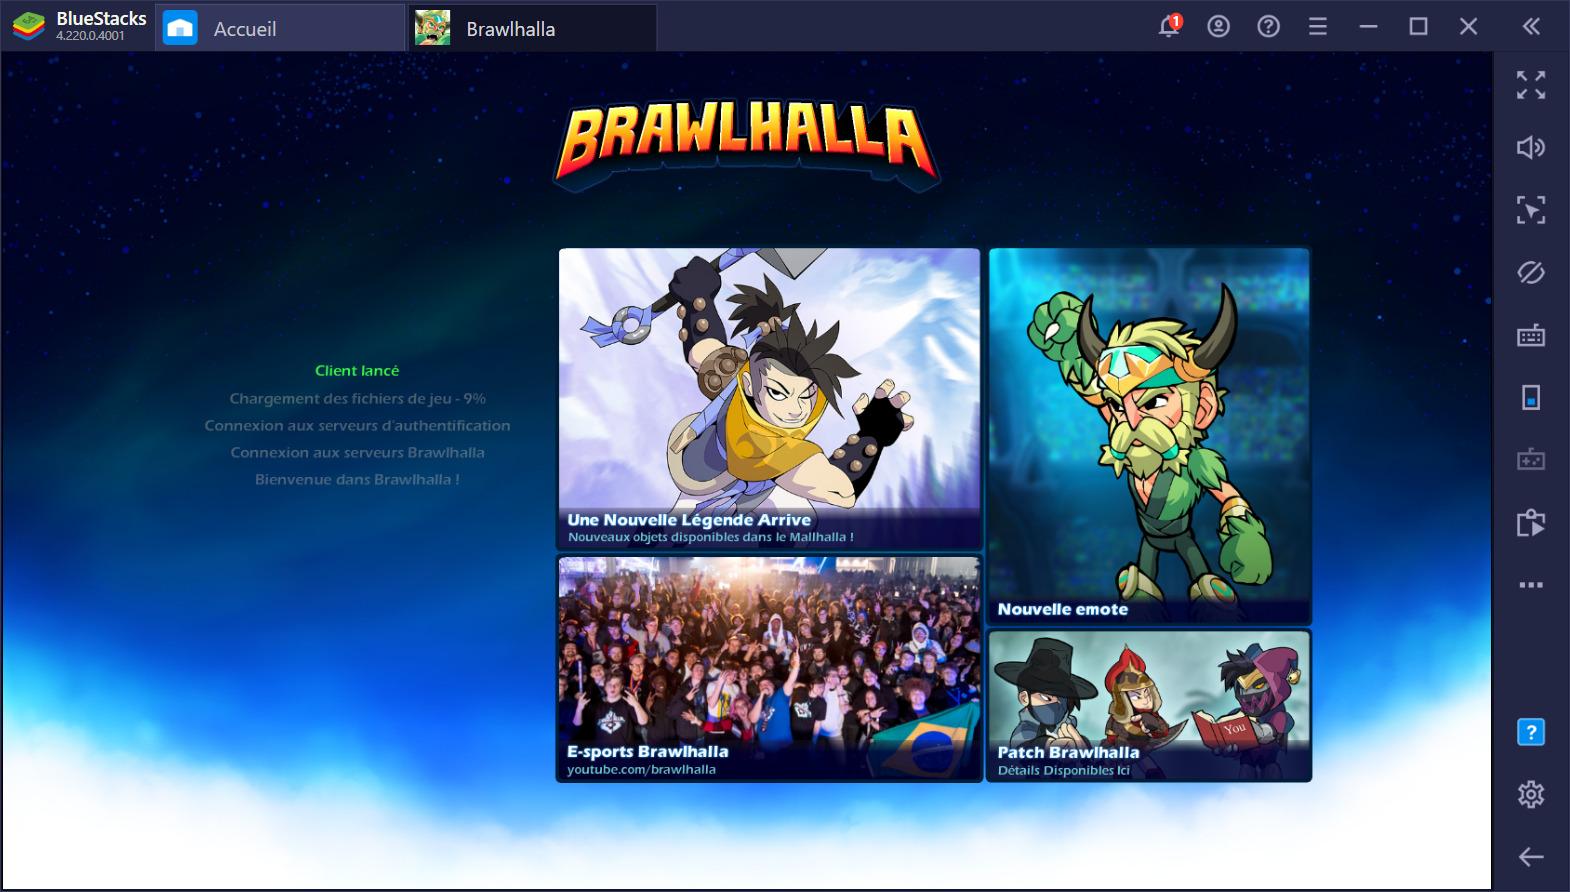 Brawlhalla sur BlueStacks – Nos premières impressions sur la version mobile